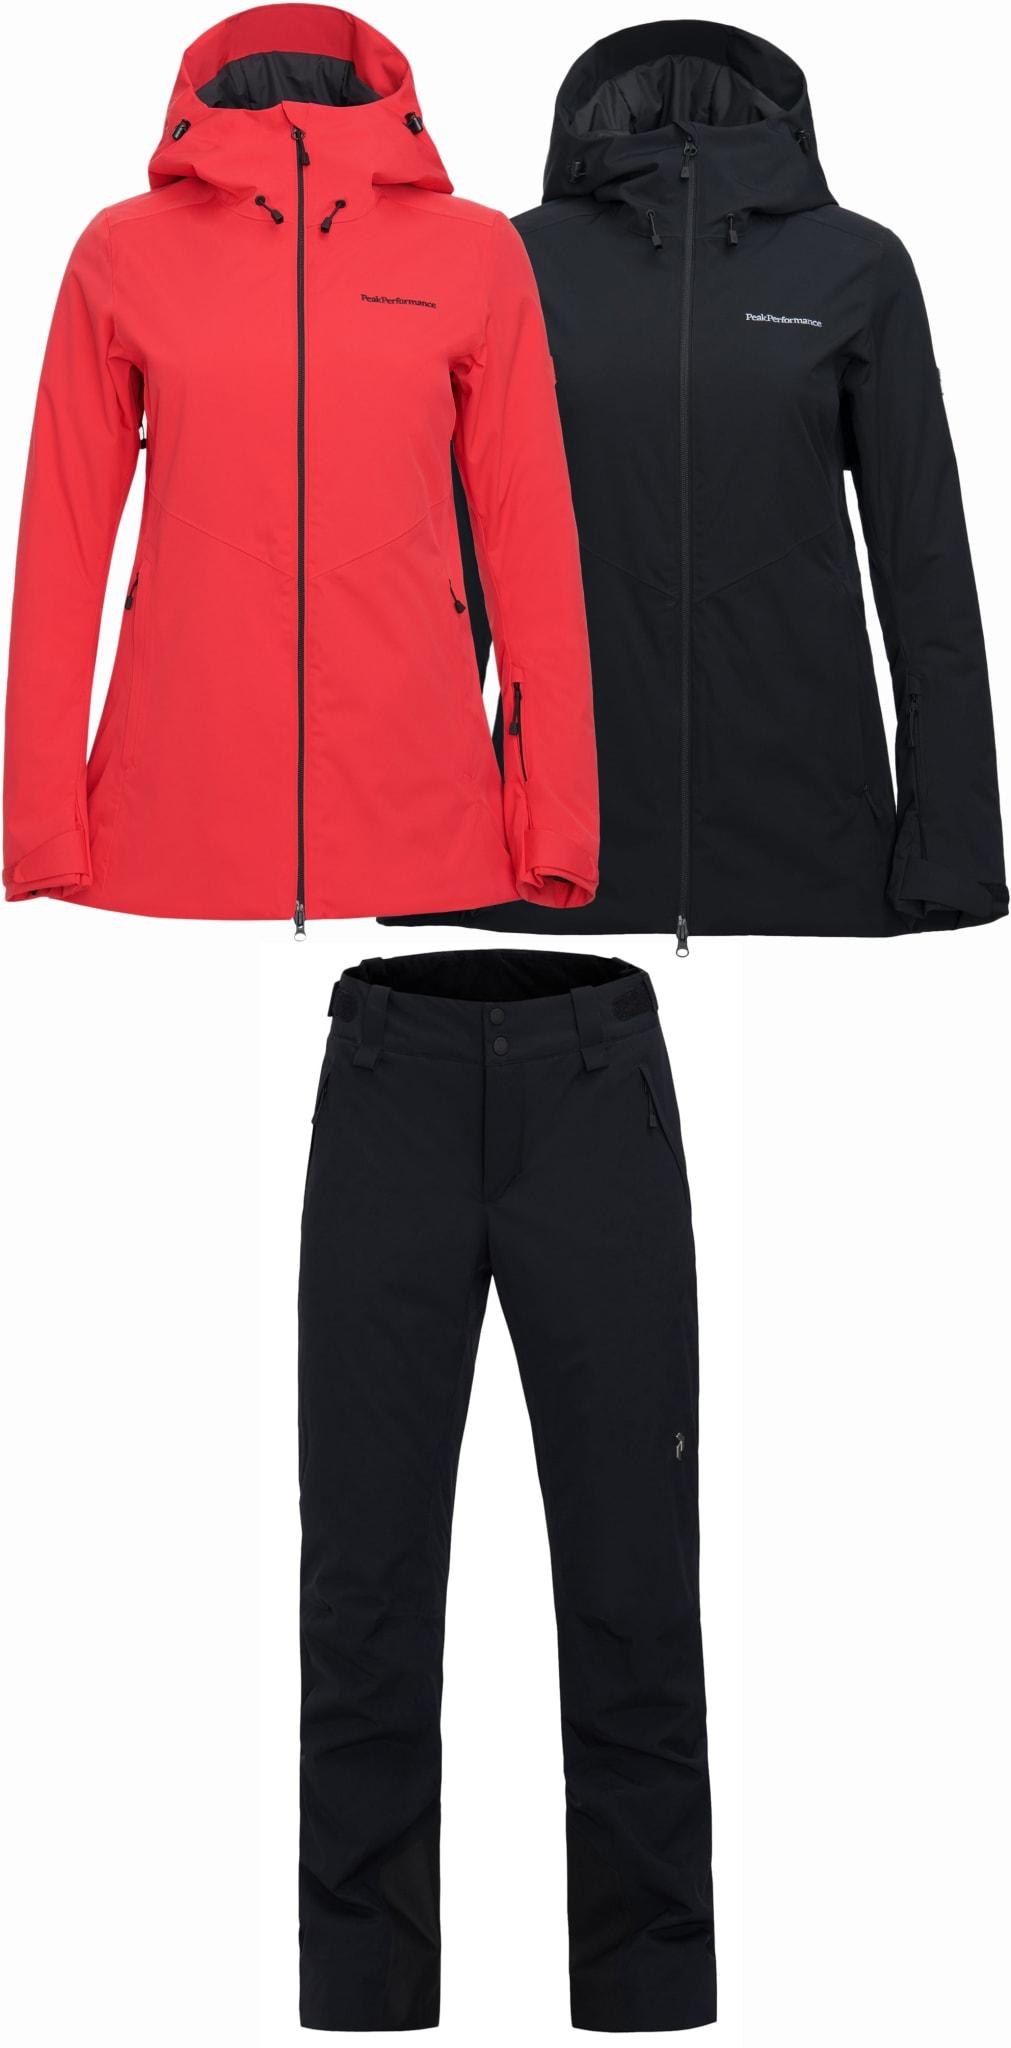 Anima Long Jacket + Pant